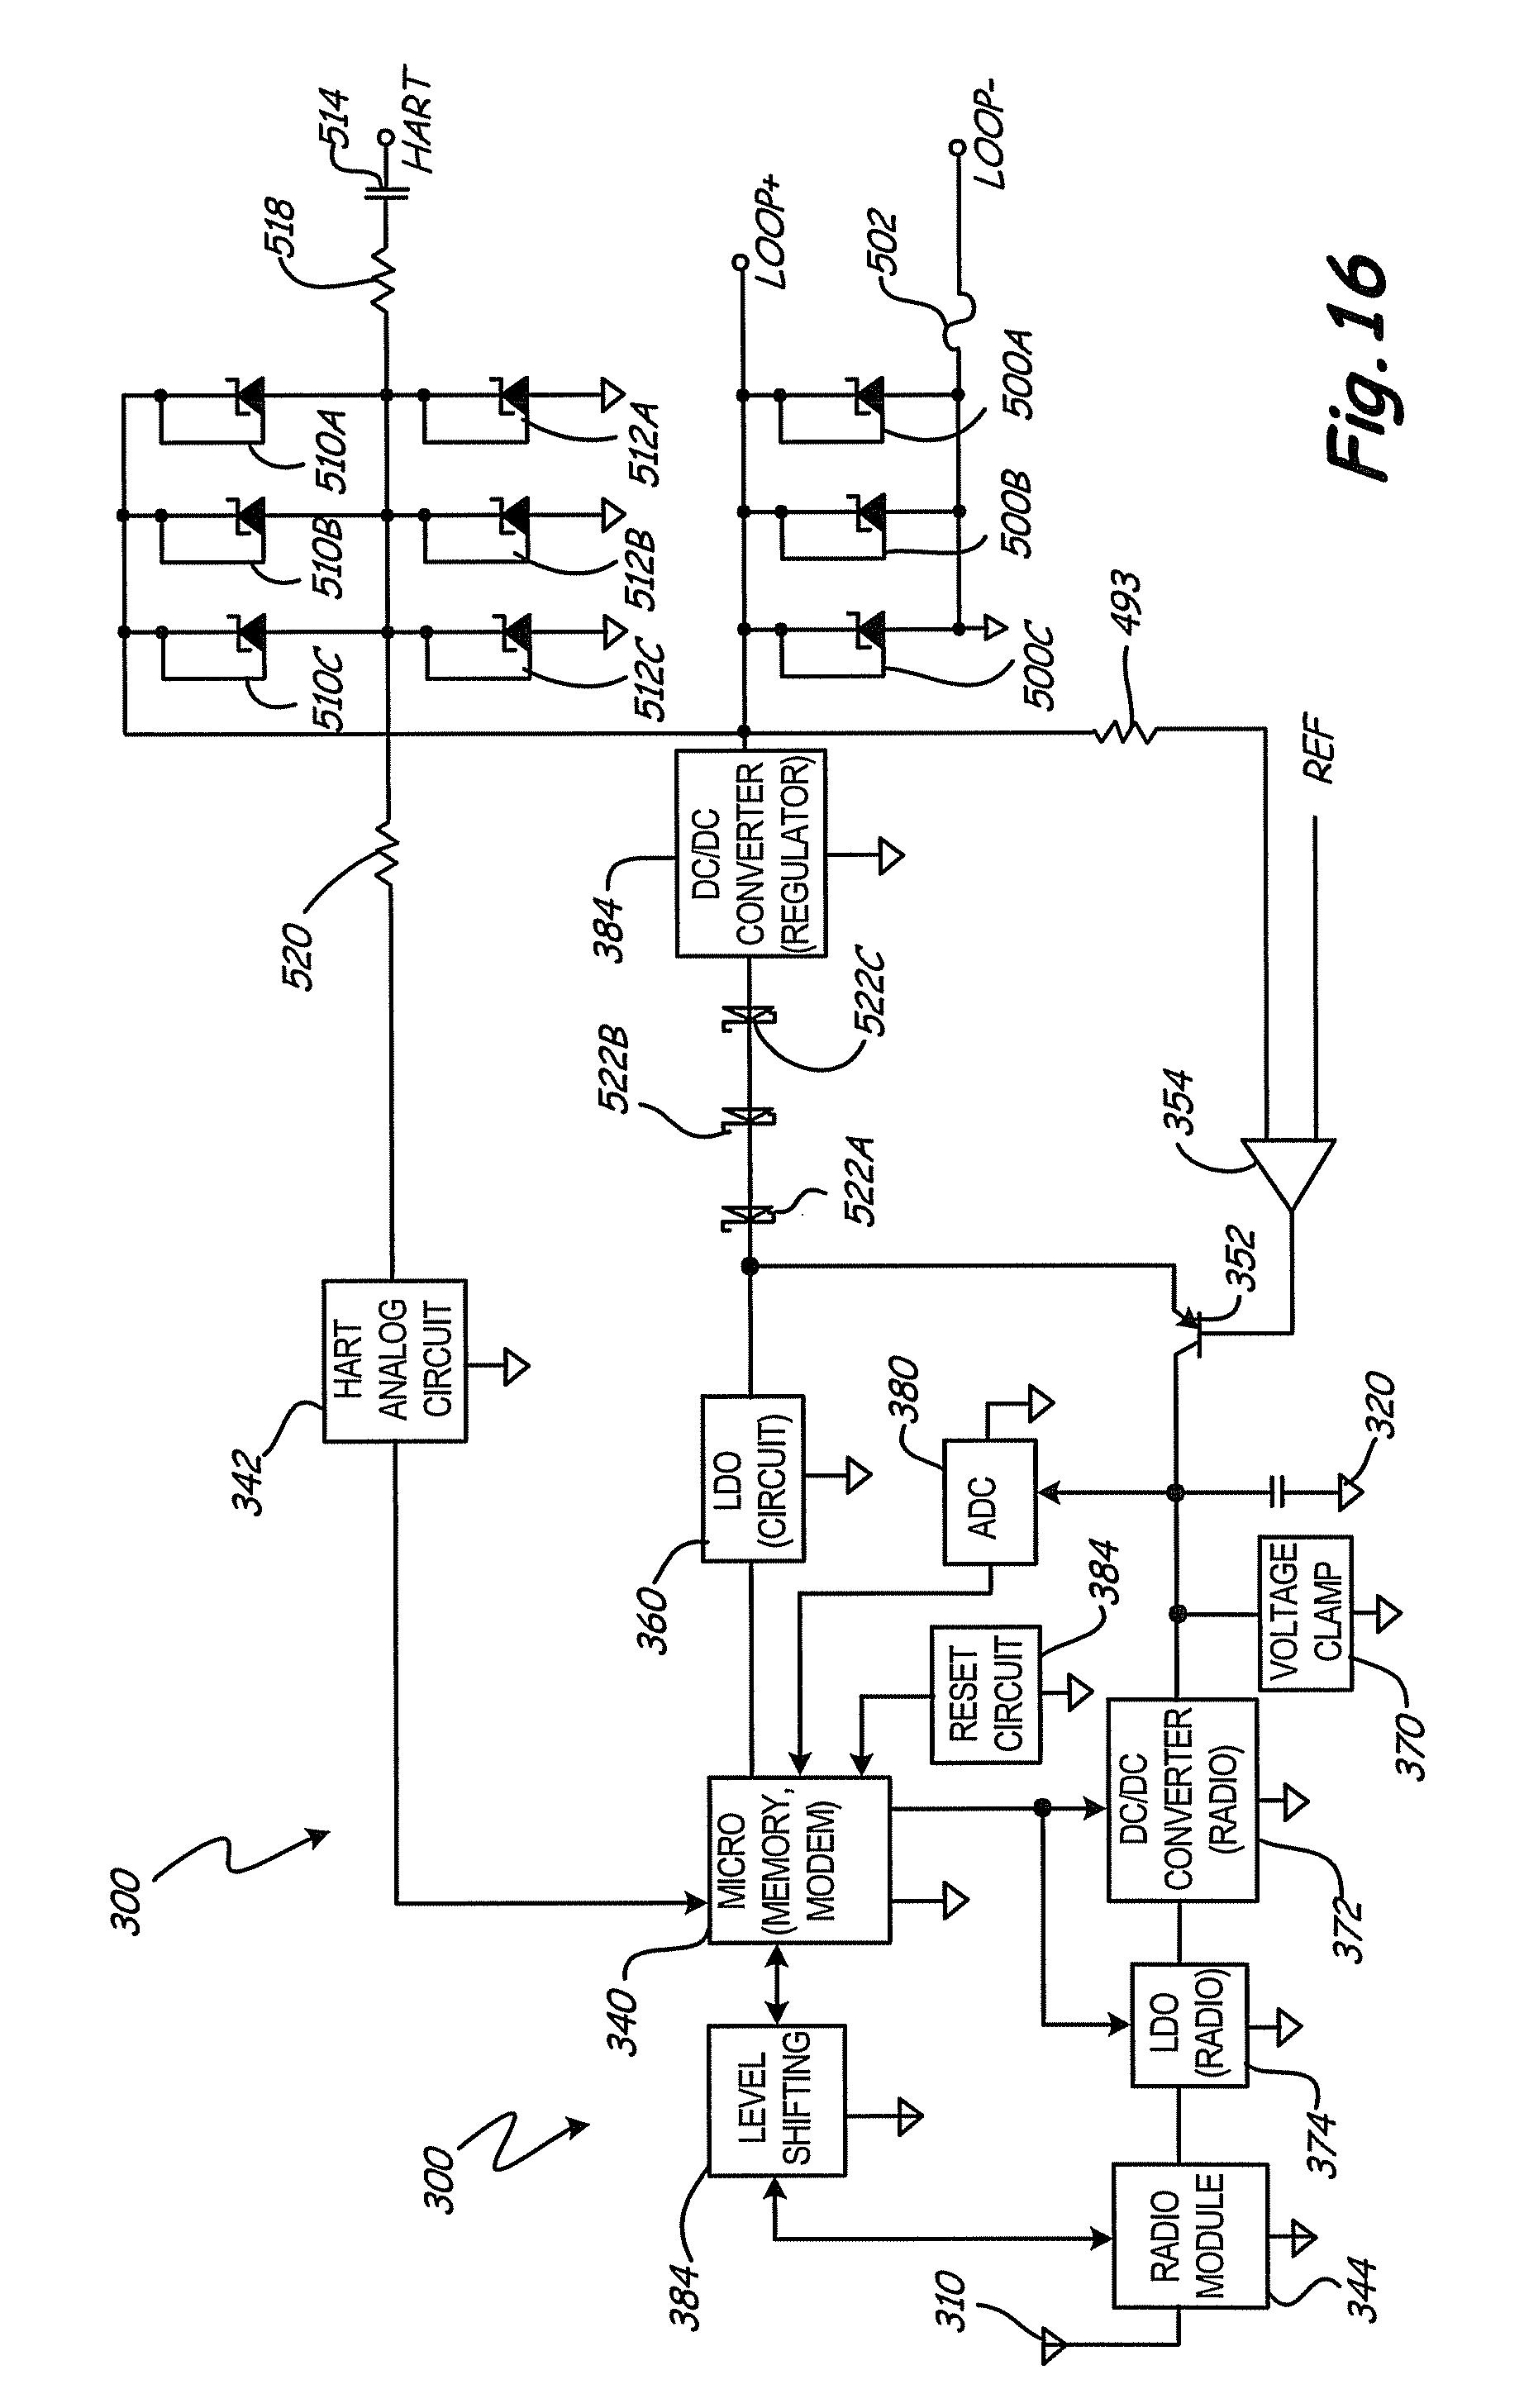 patent us20090253388